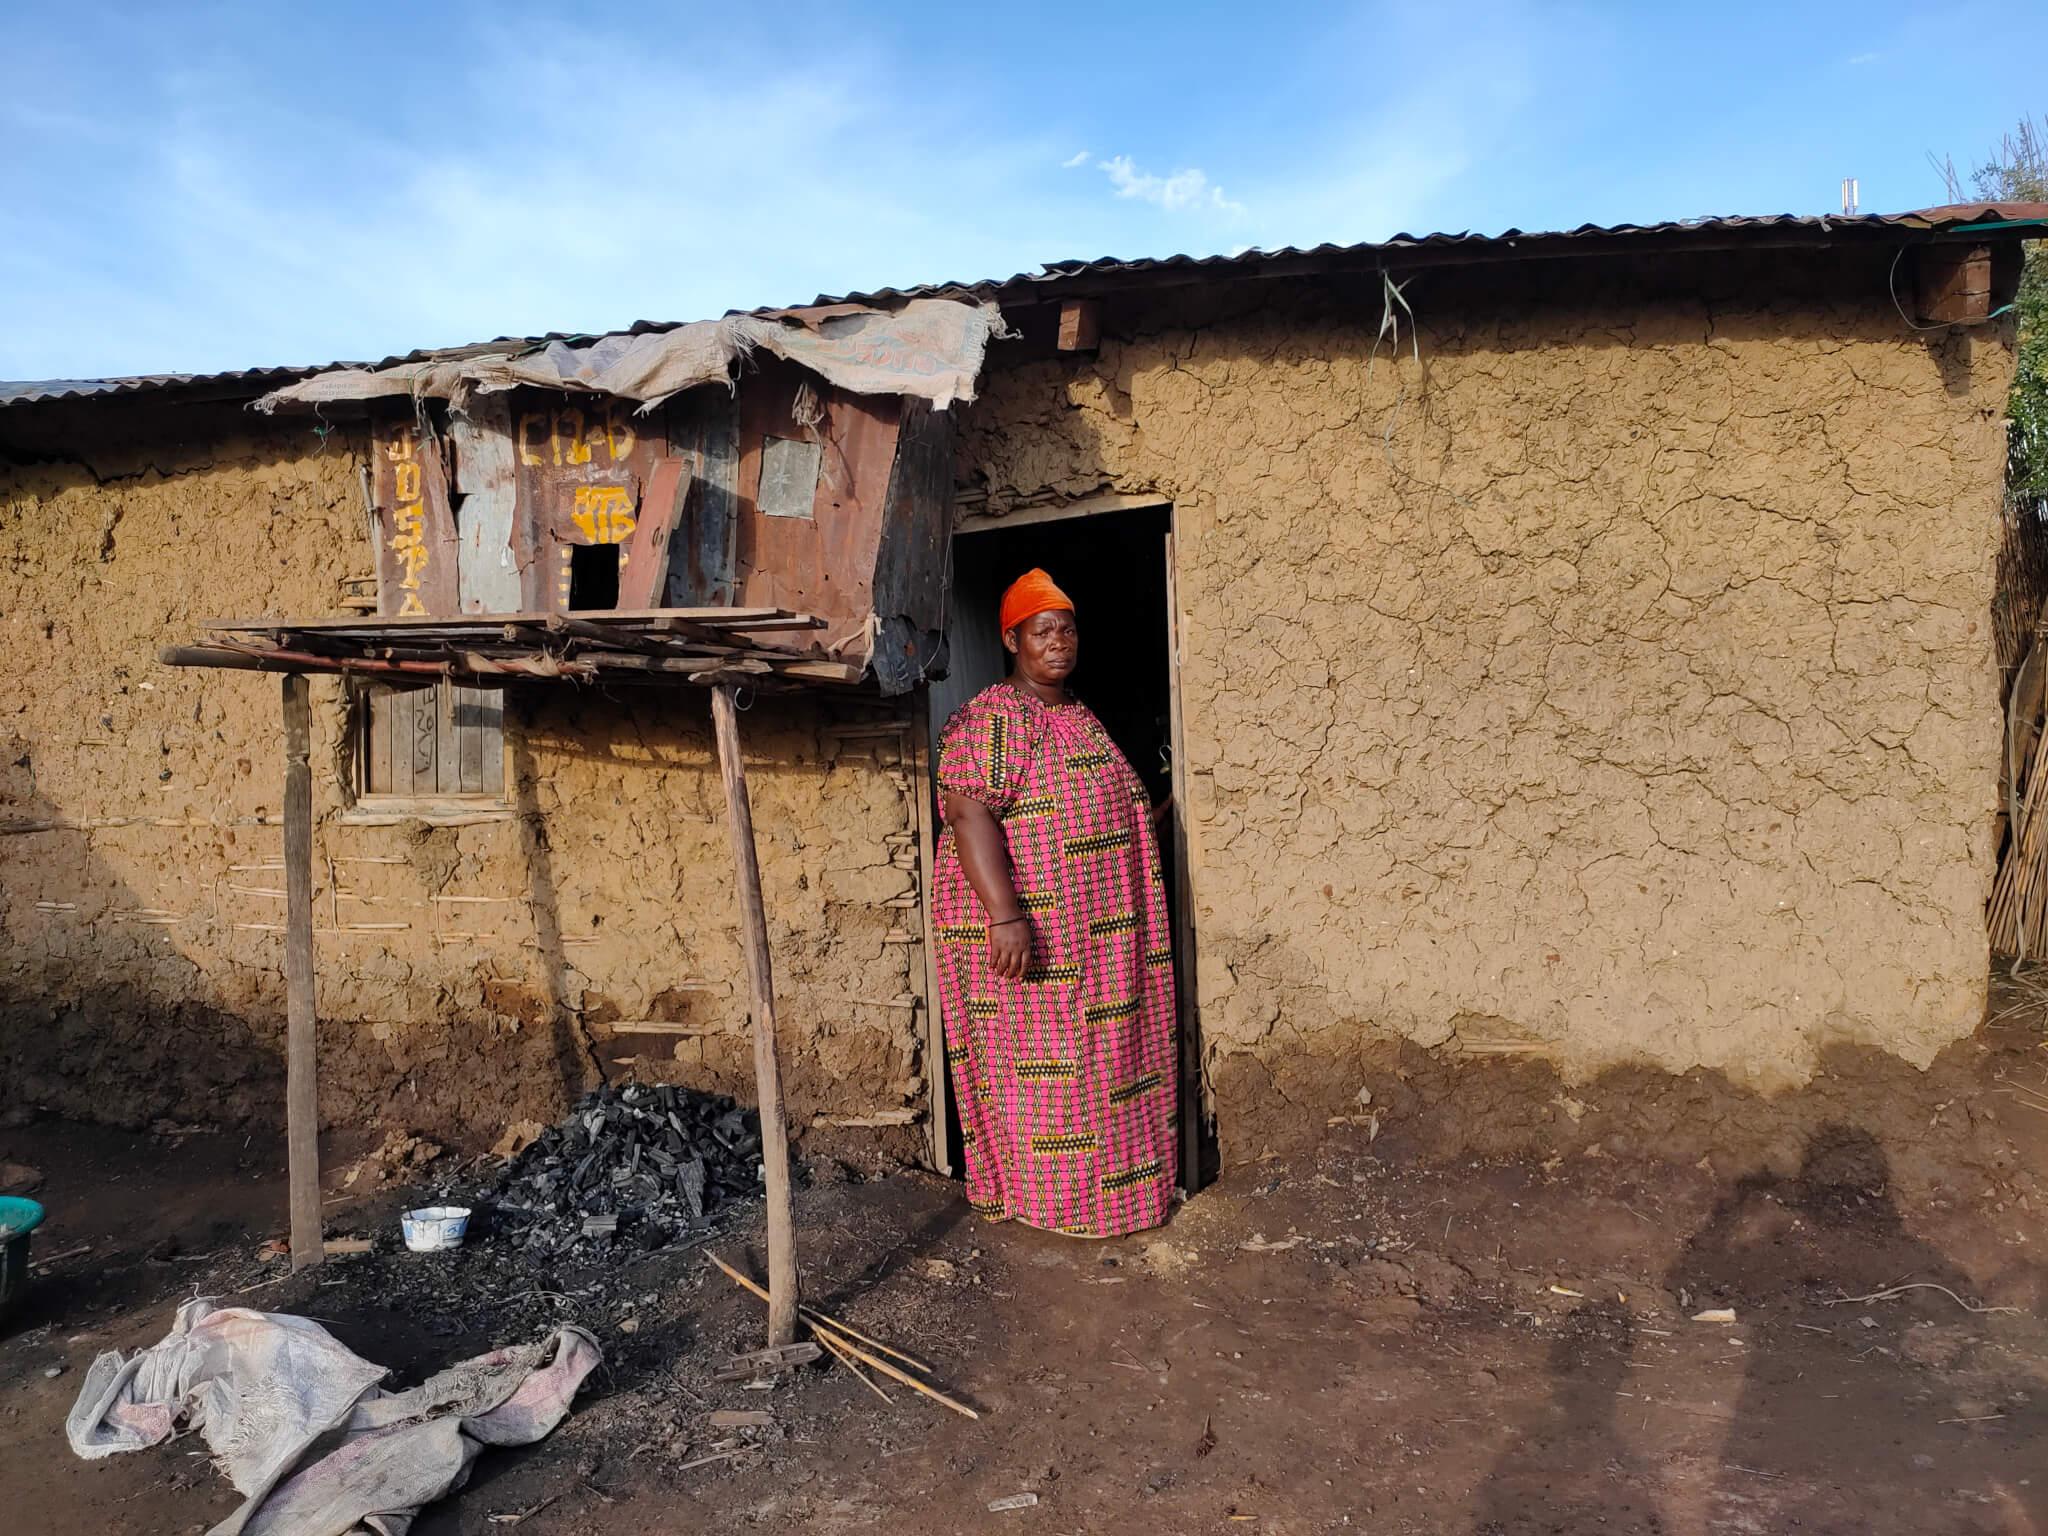 Statečné matky z Burundi bojují za zdraví svých dětí uprostřed záplav